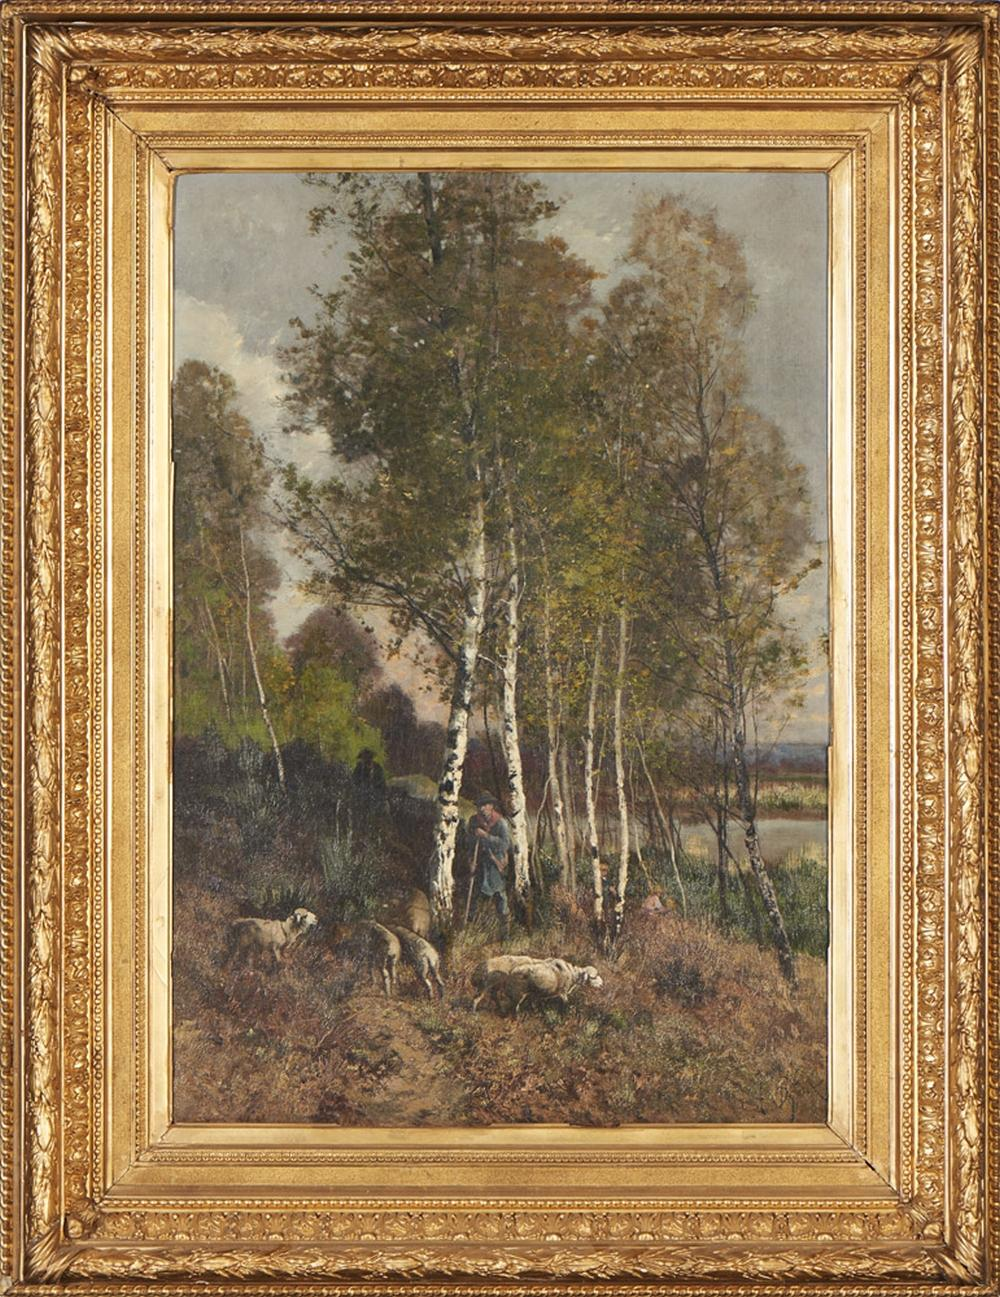 DEFAUX, Óleo sobre tela, 84 x 58 cm.